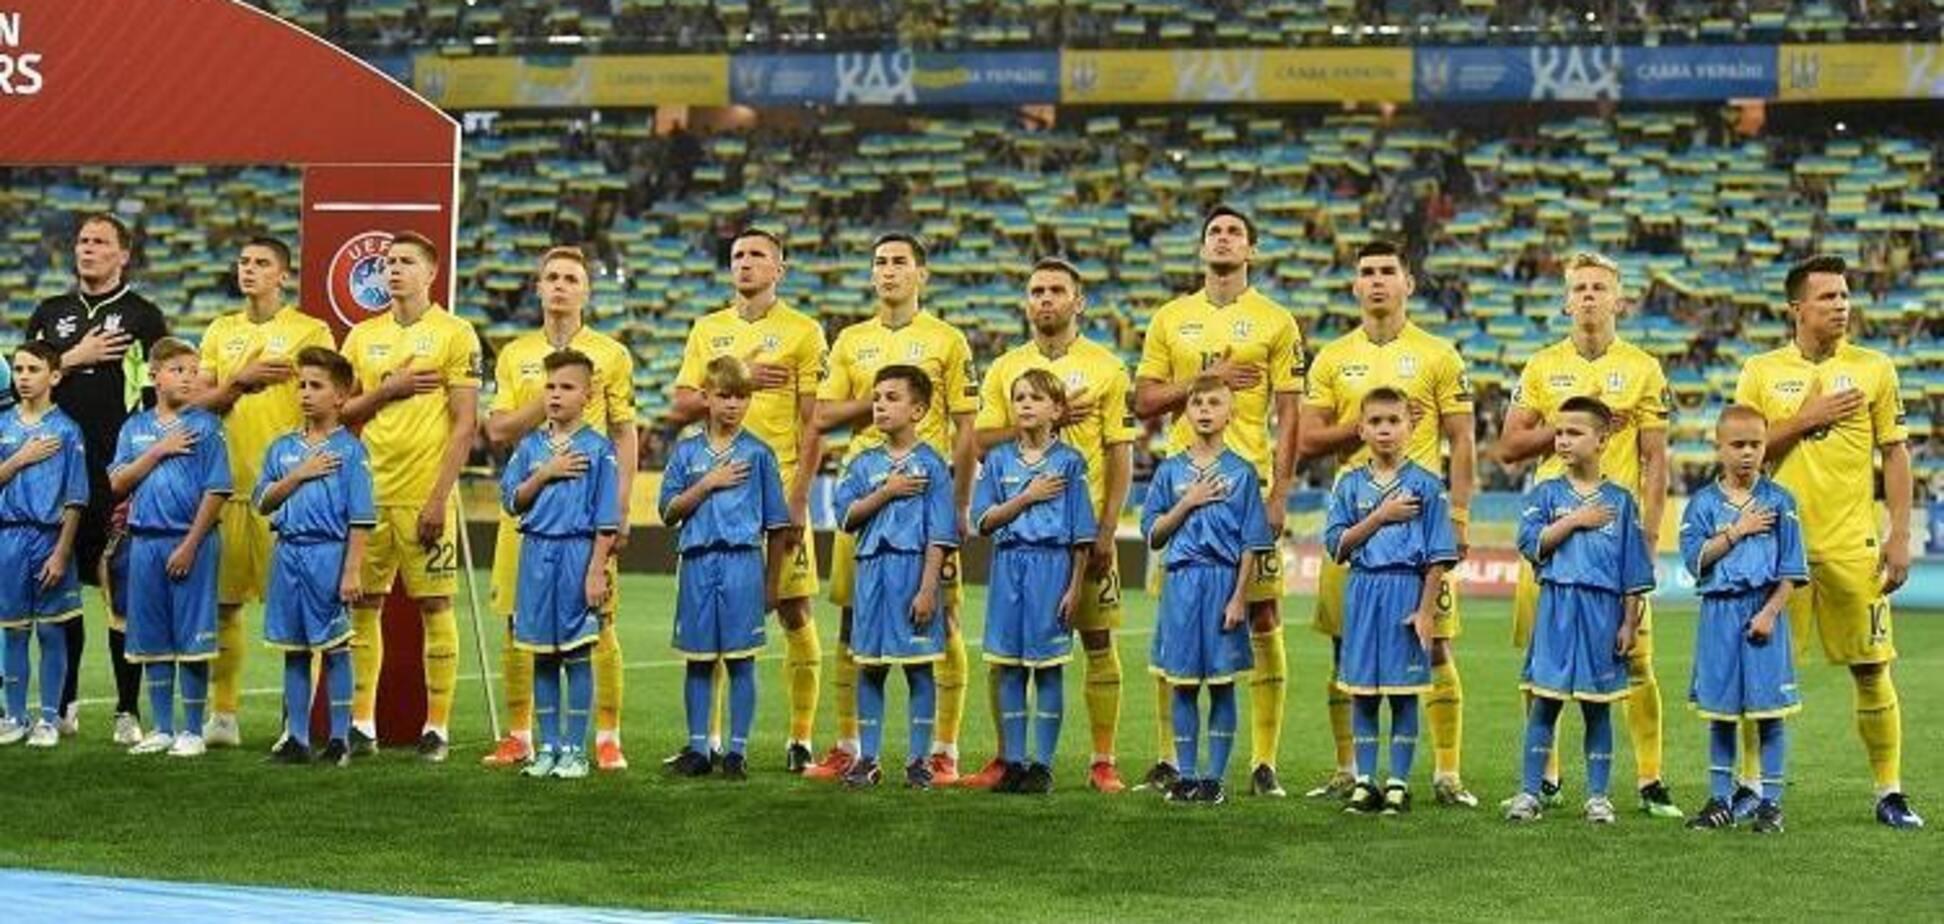 Стадион в Харькове фантастически исполнил гимн Украины перед матчем отбора Евро-2020